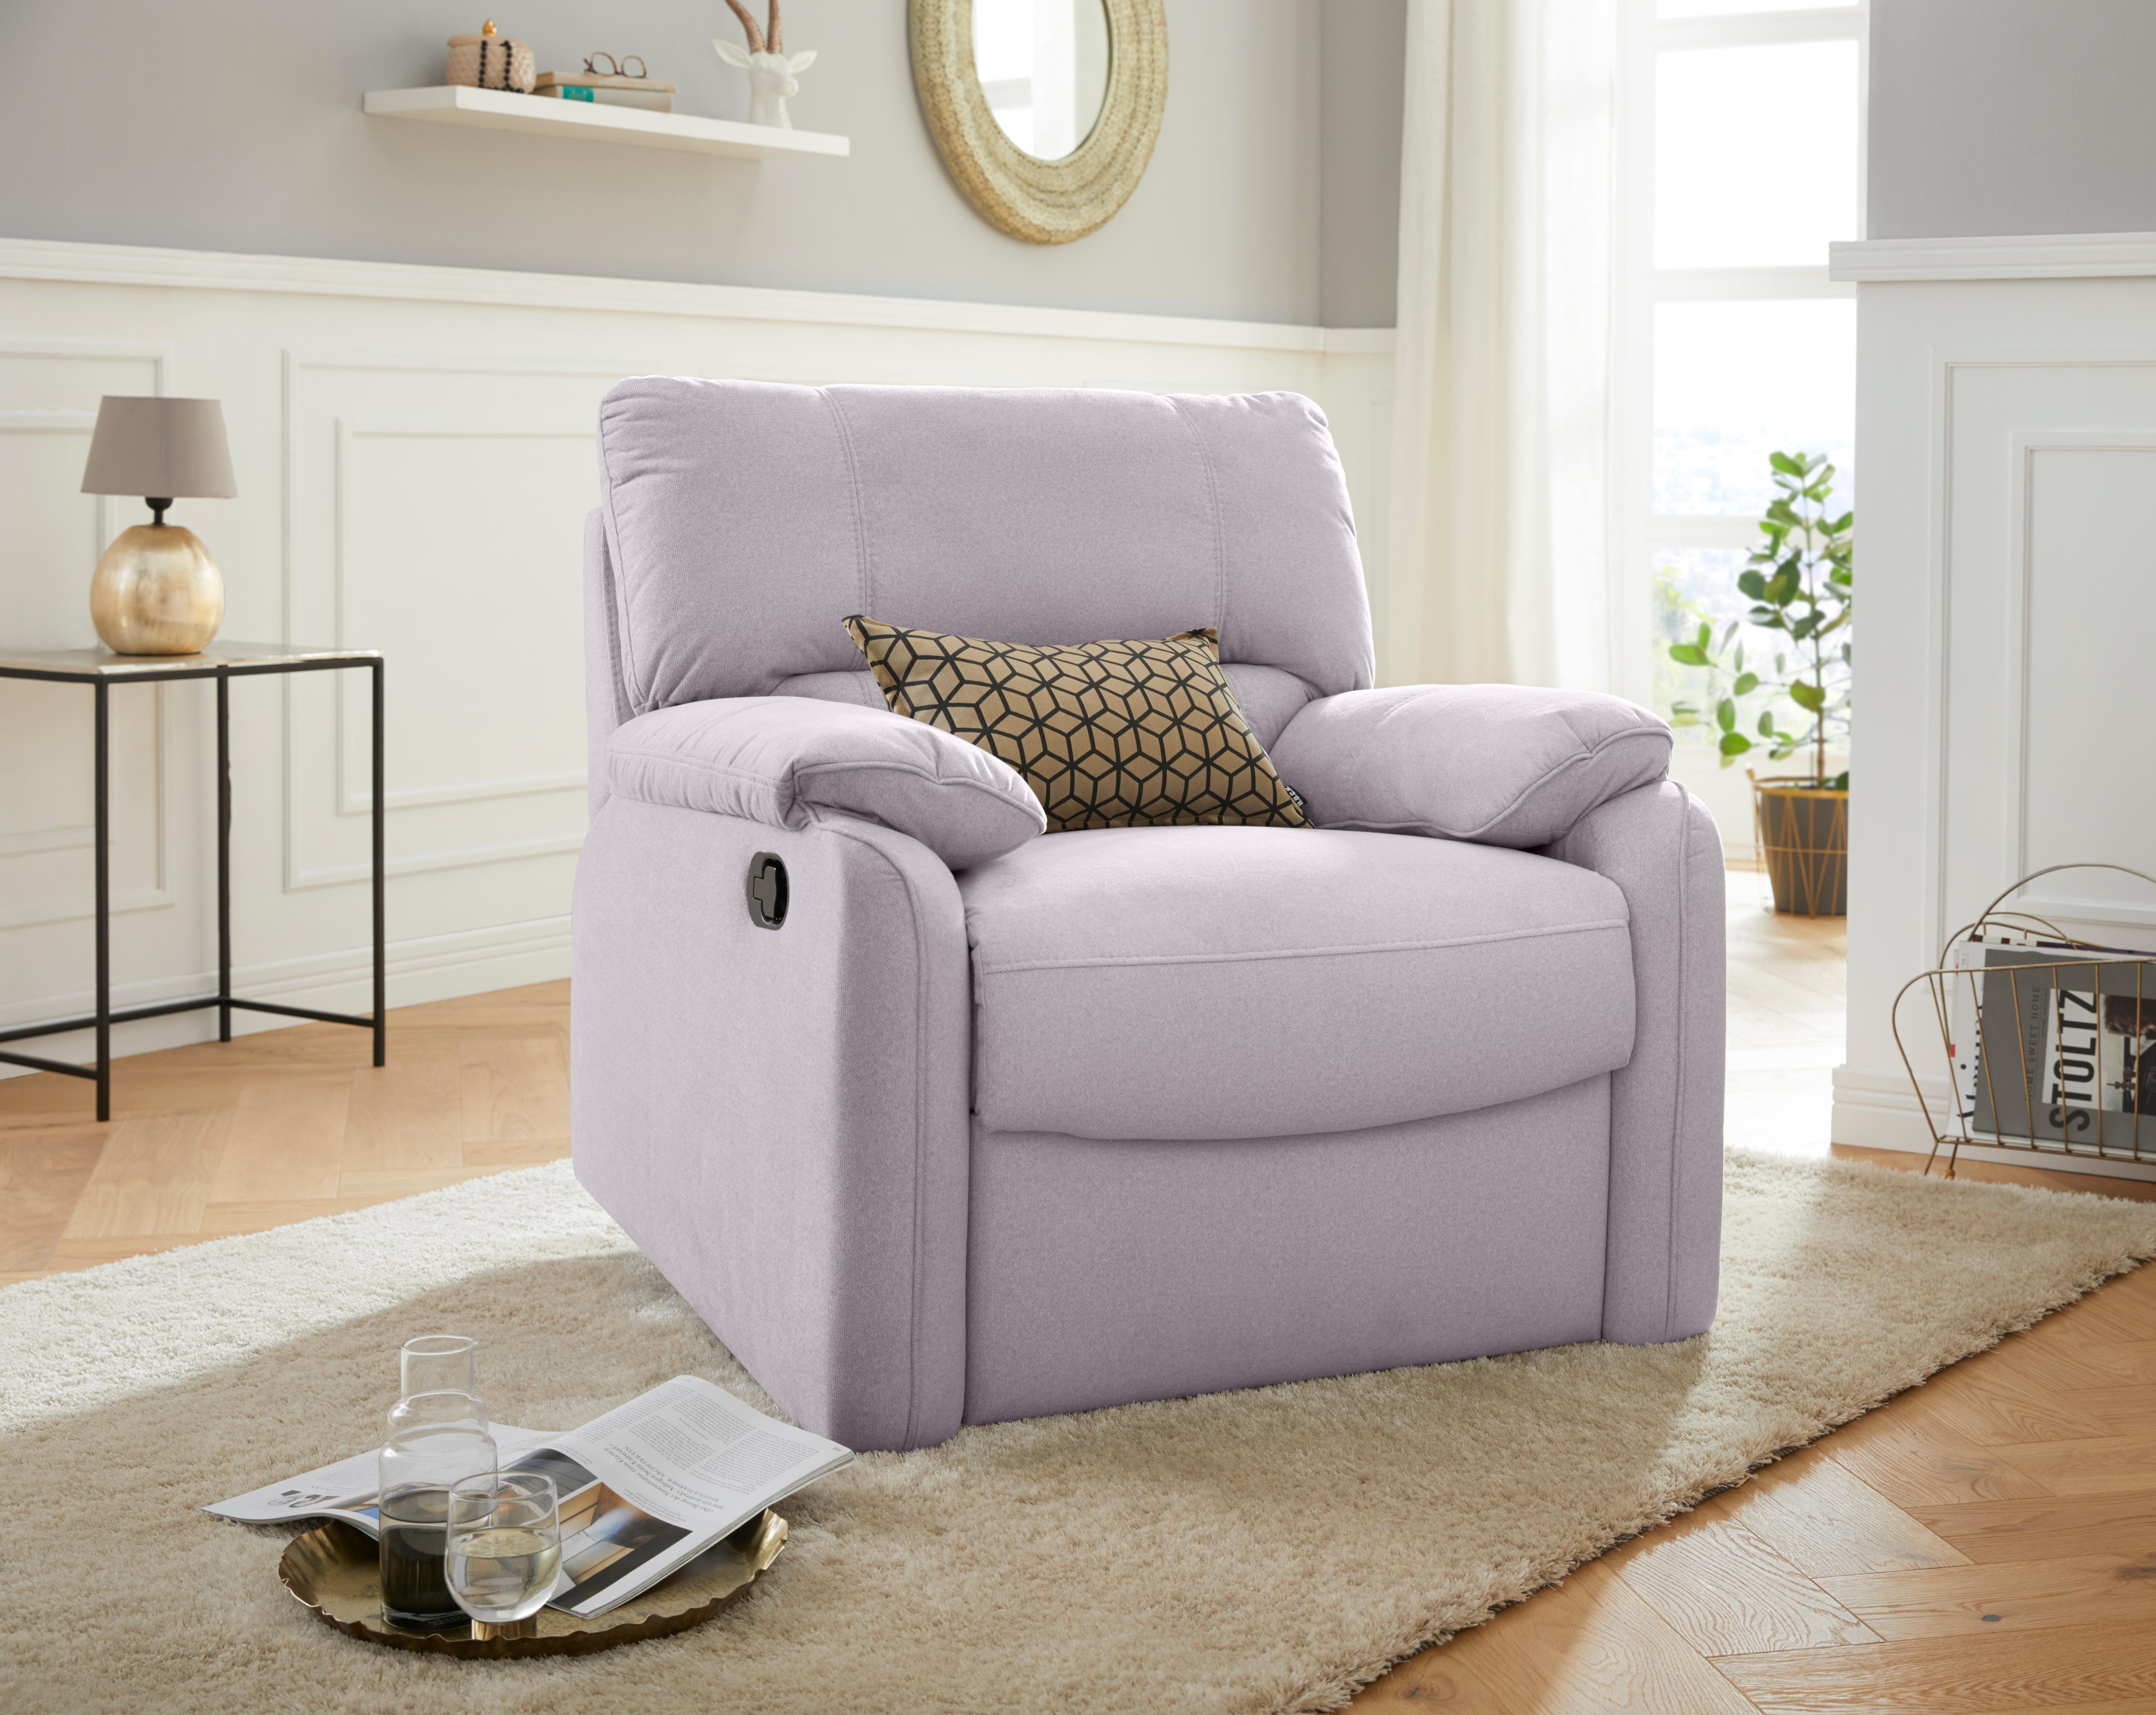 Exxpo - Sofa Fashion relaxfauteuil bij OTTO online kopen